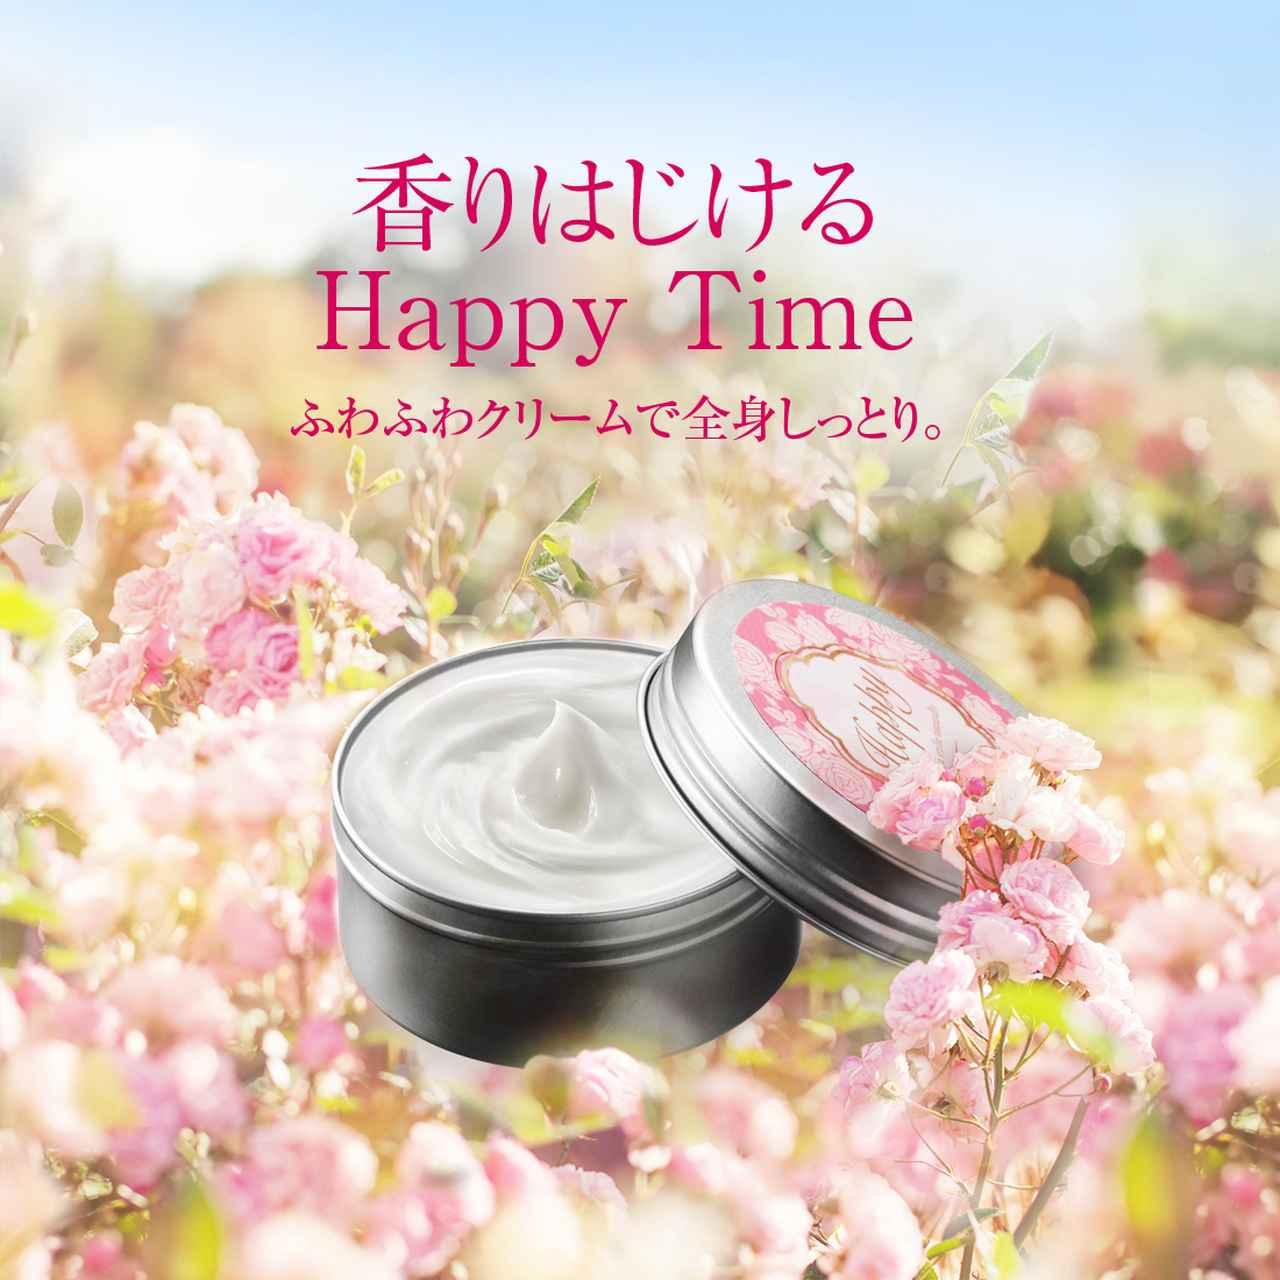 画像1: 笑顔を誘う香りでHappy Timeを…。春をイメージした優しい香りに包まれながら、うるおい肌へ。 「メイコー ボディクリーム」